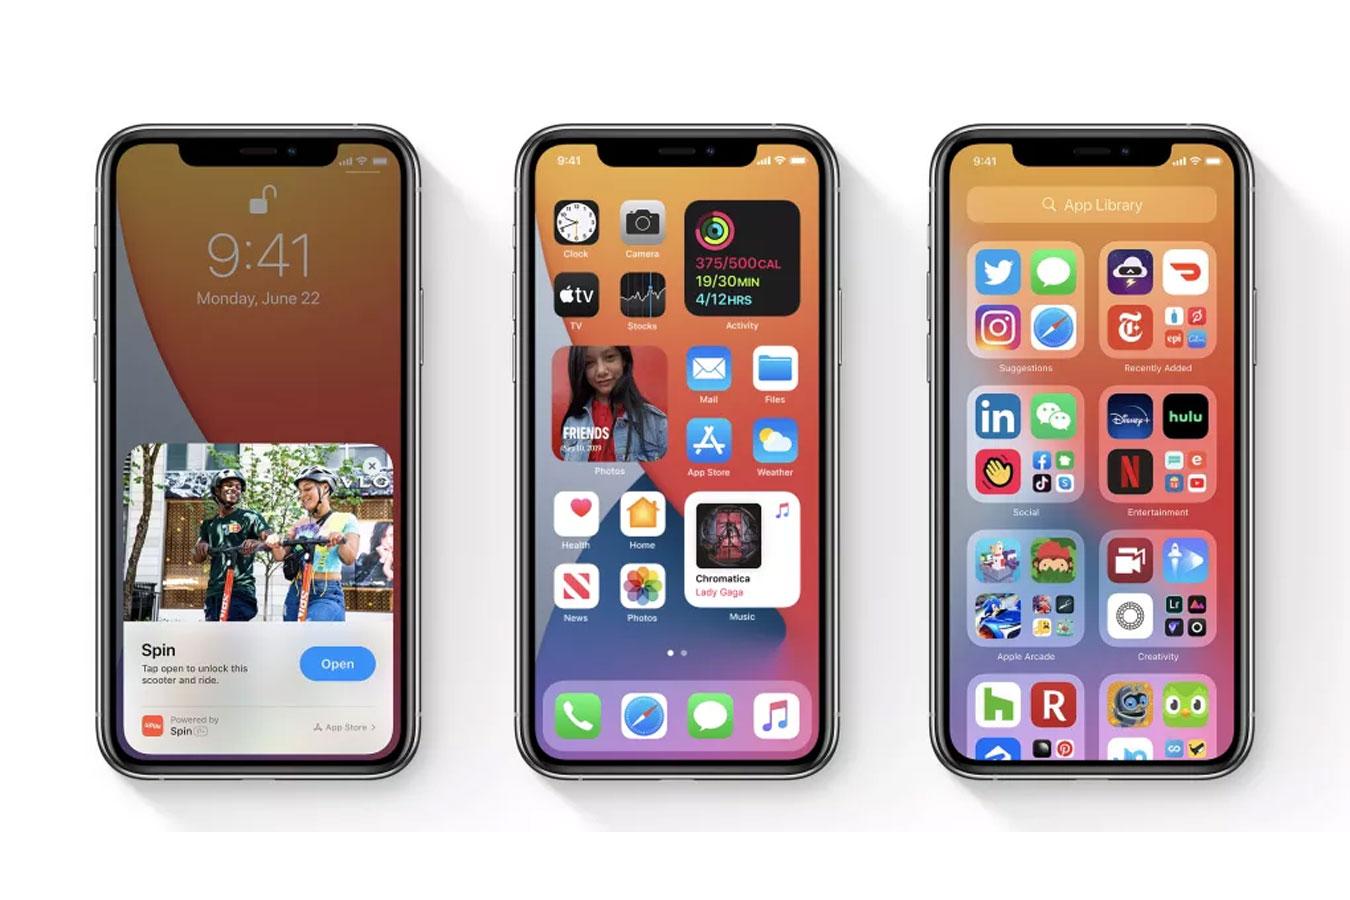 Nuove funzioni sul iPhone grazie ad iOS 14 Beta come App Clips, Widgets e Memojis